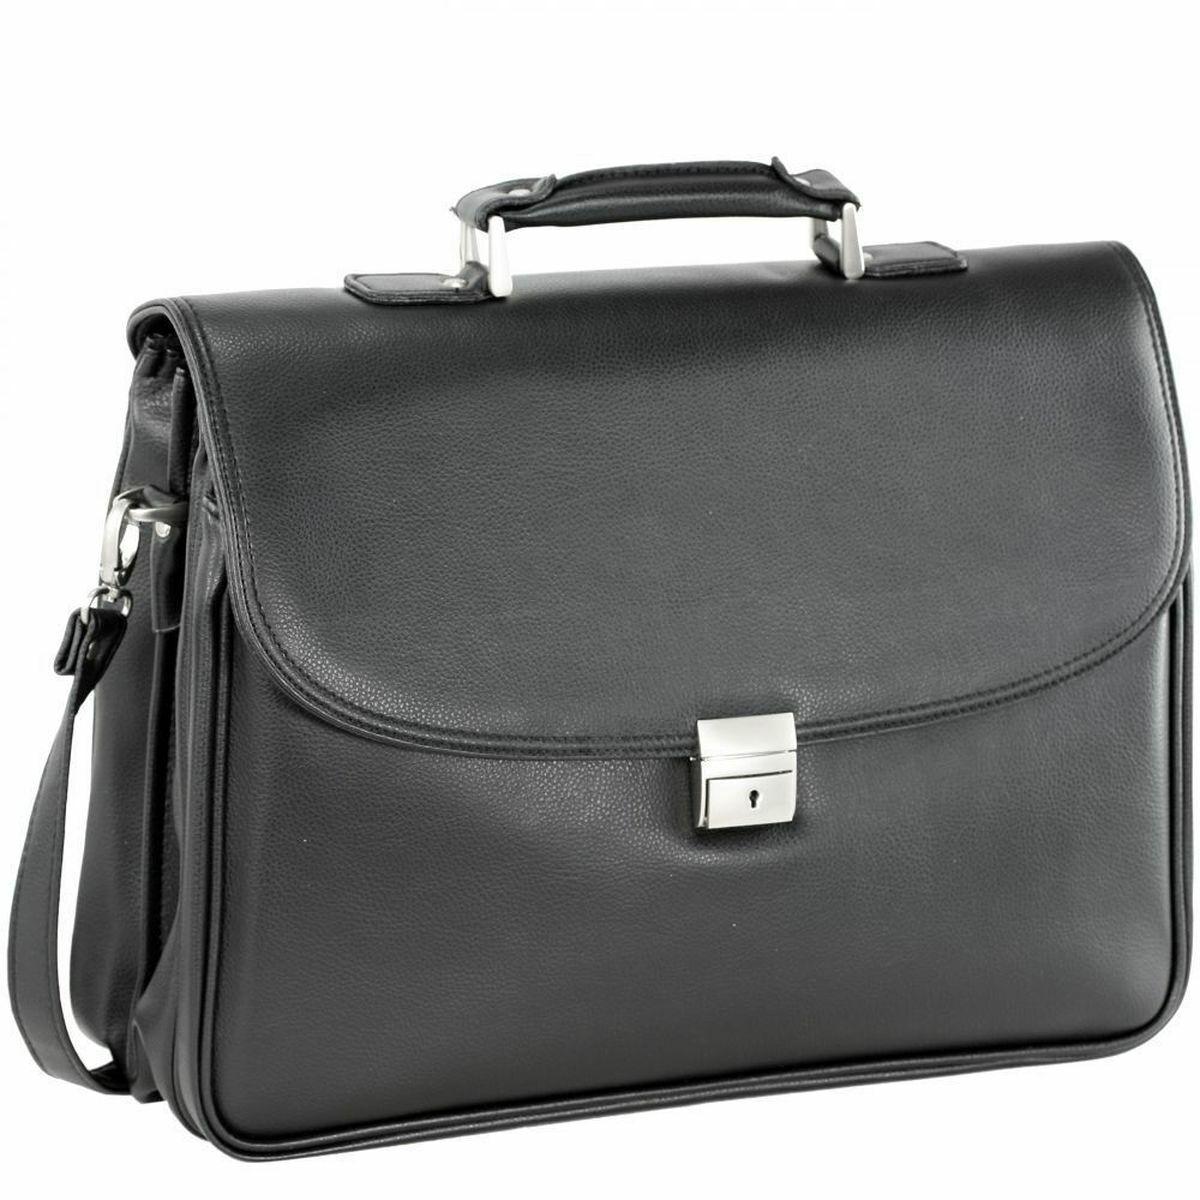 Akten Arbeits Umhänge Tasche Schwarz 44 x33x17cm Groß D & N – Bowatex | Charmantes Design  | Vielfalt  | Outlet